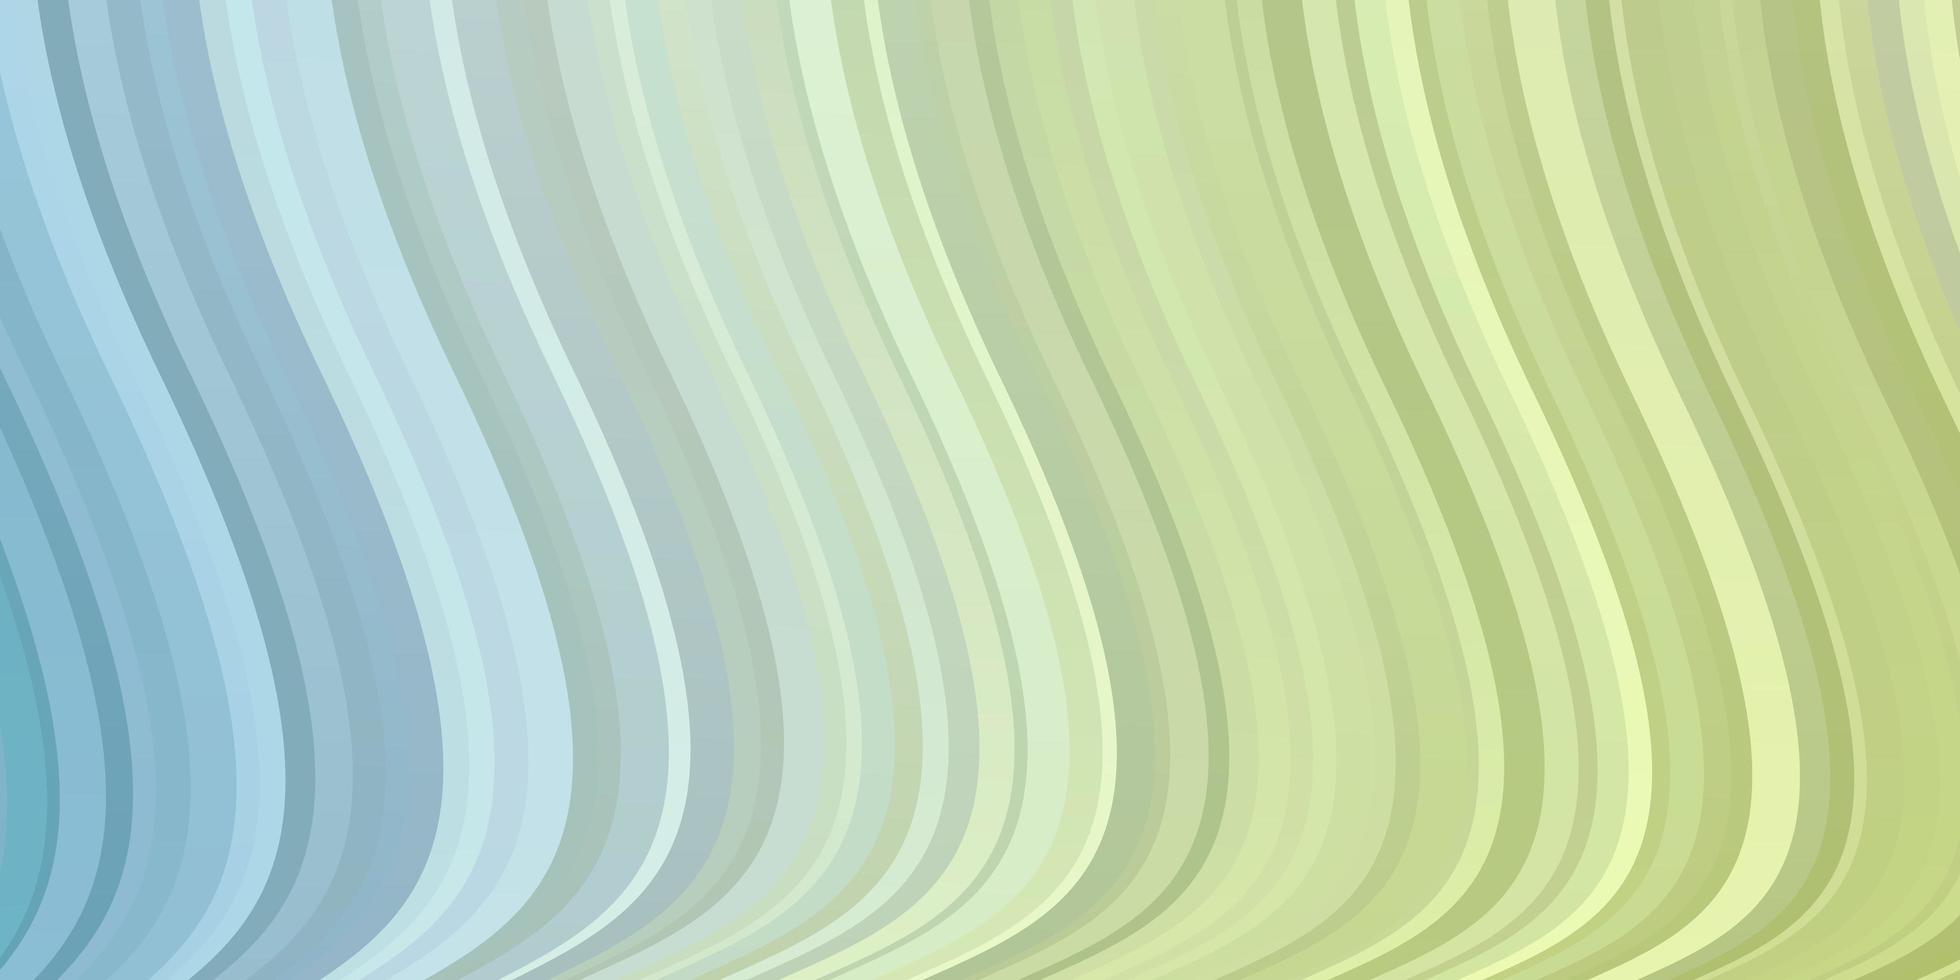 lichtblauwe, groene vectorachtergrond met krommen. vector